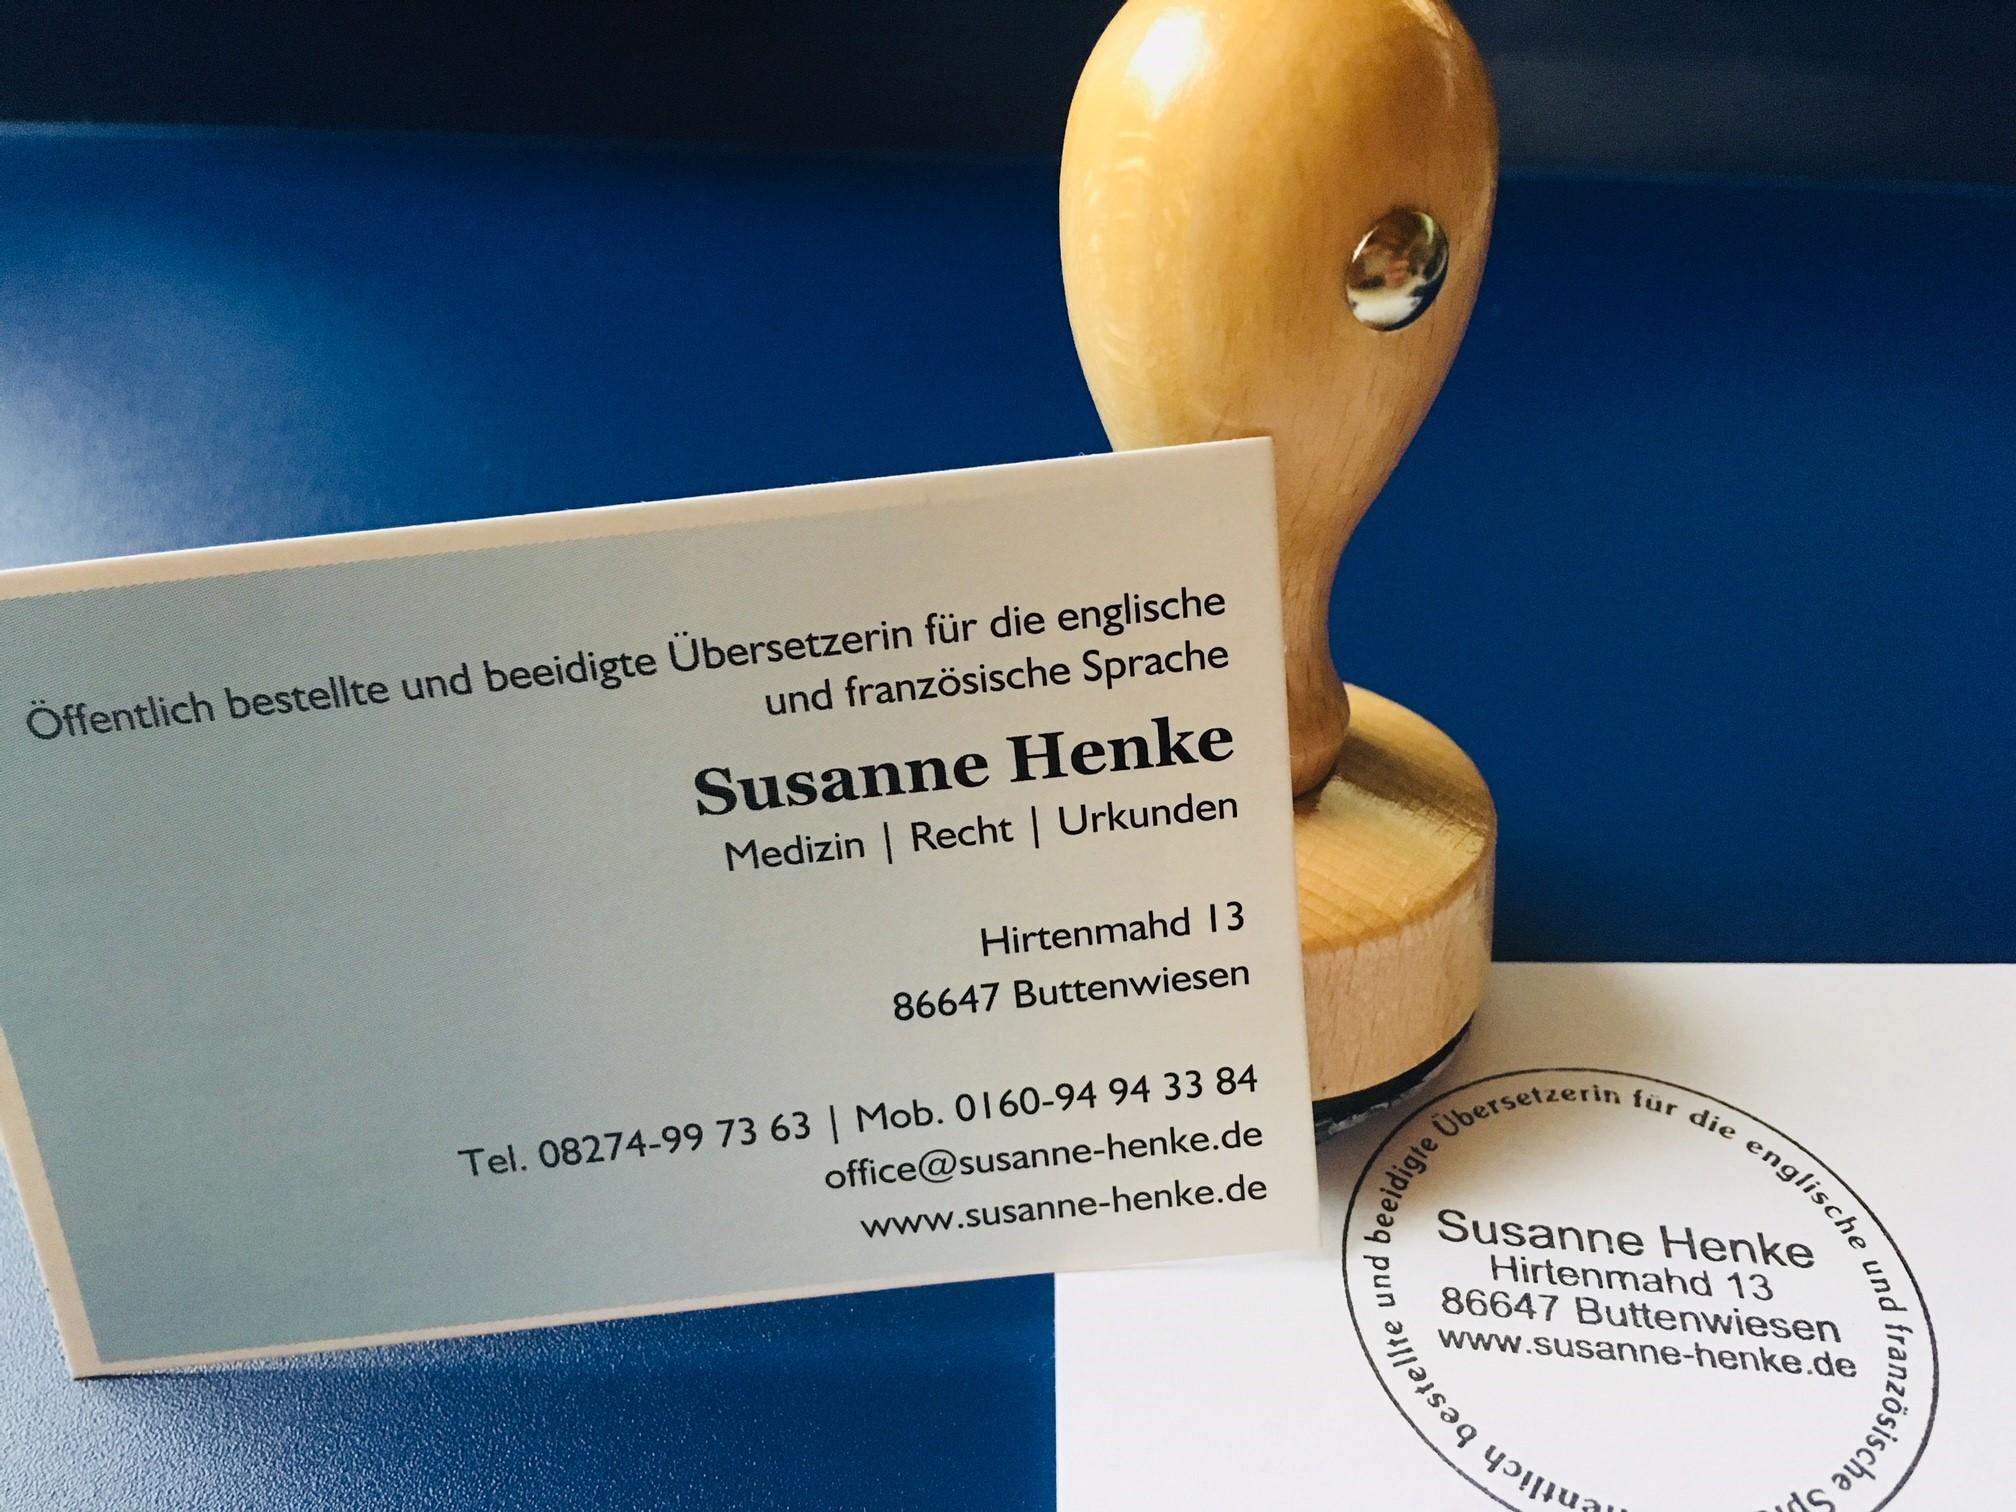 Beglaubigte übersetzungen Susanne Henke übersetzungen Medizin